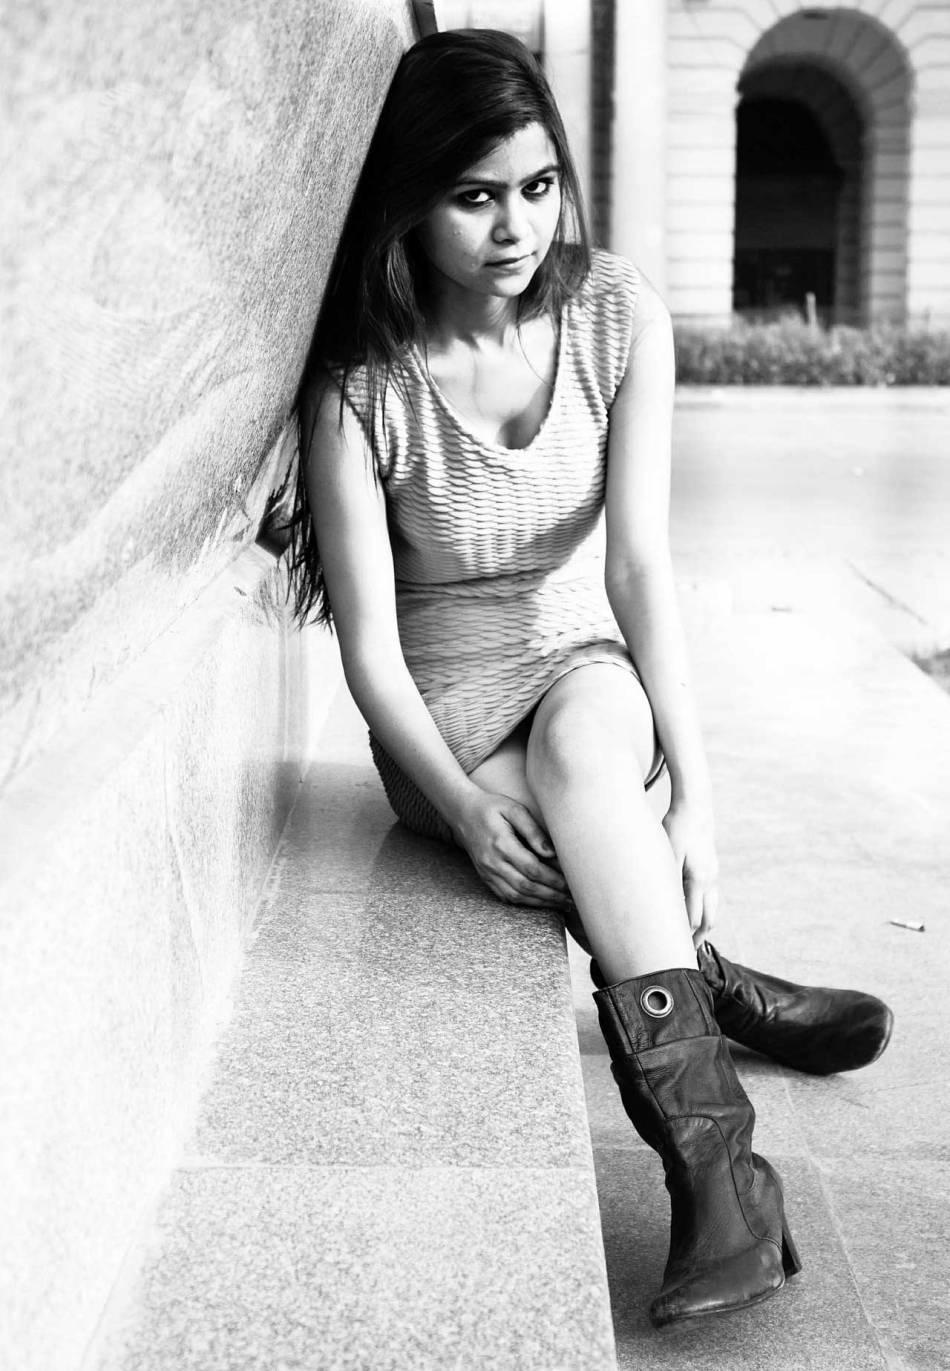 girl-410802_1920